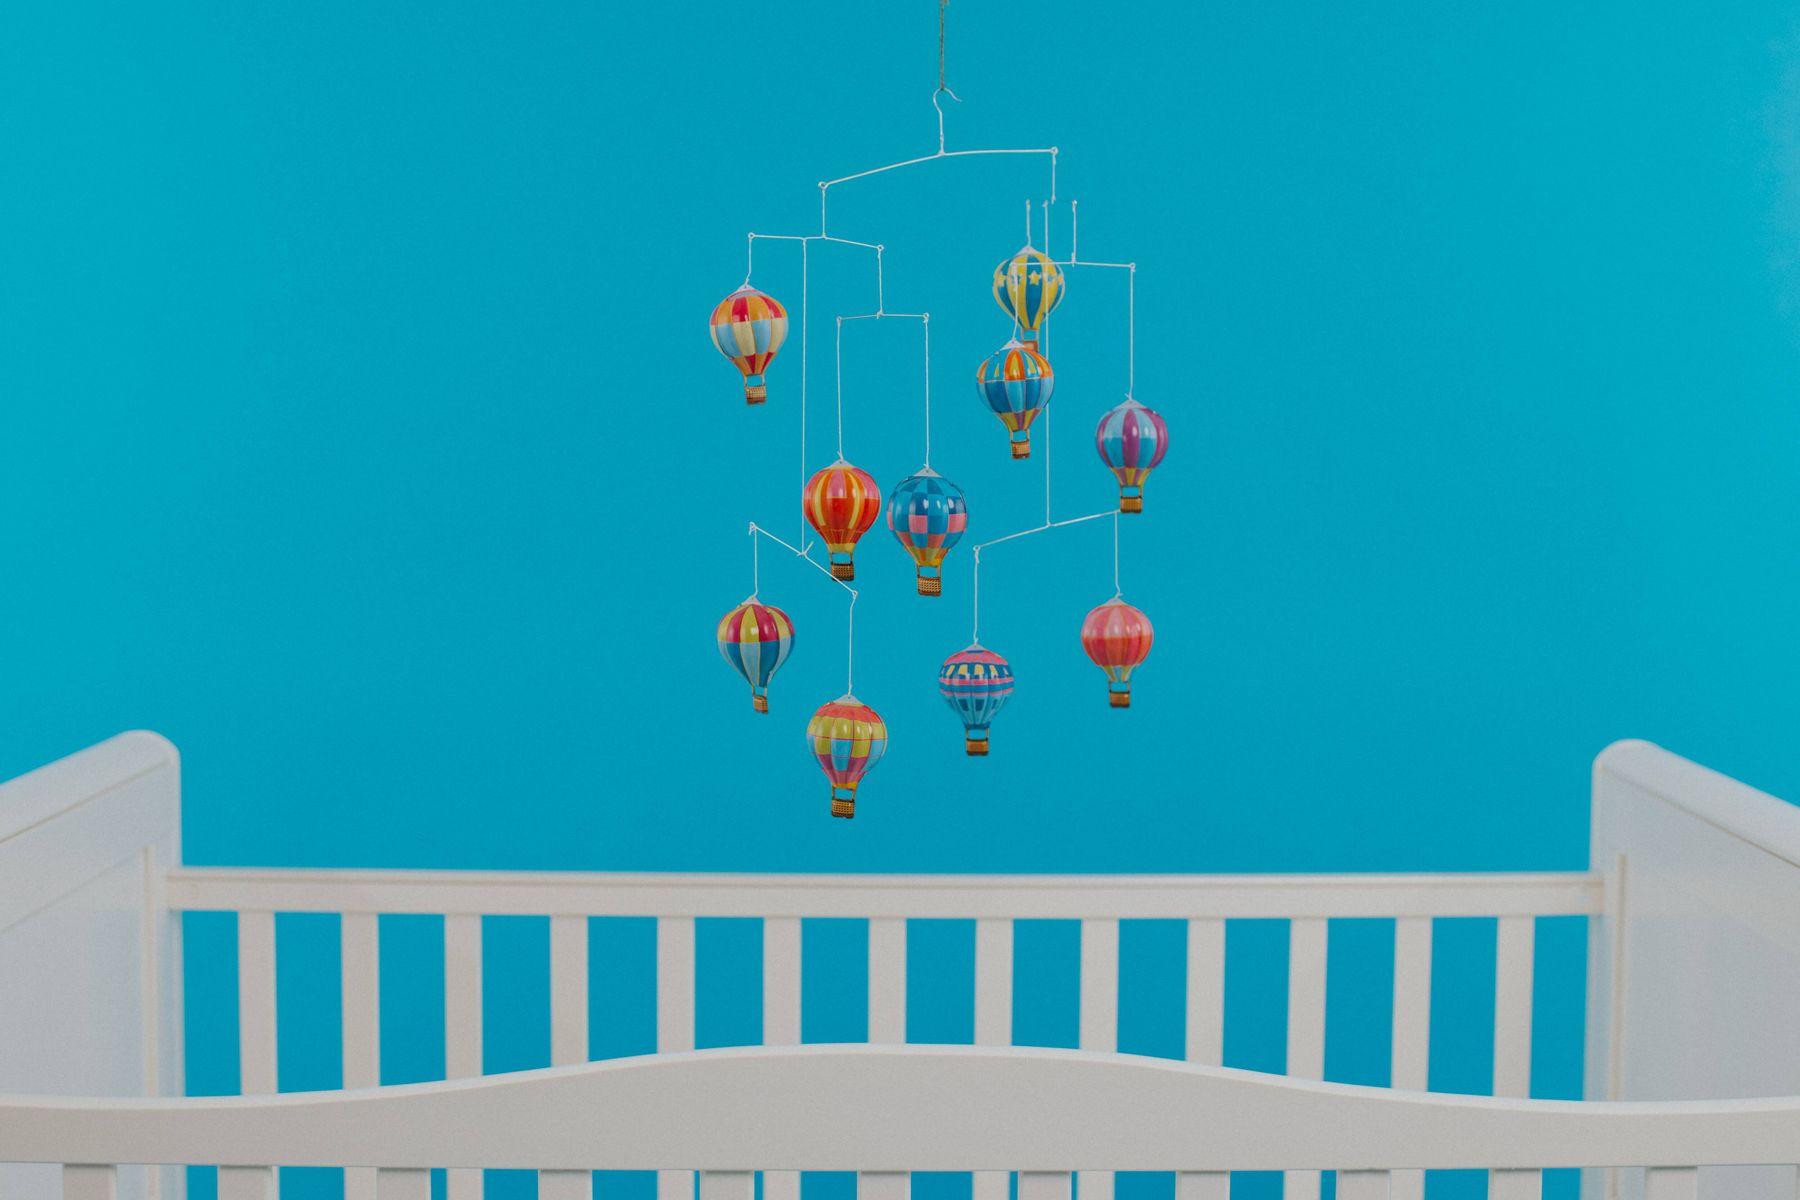 kleurrijke ballonnen mobiel bovenop een wieg in een blauwe kamer